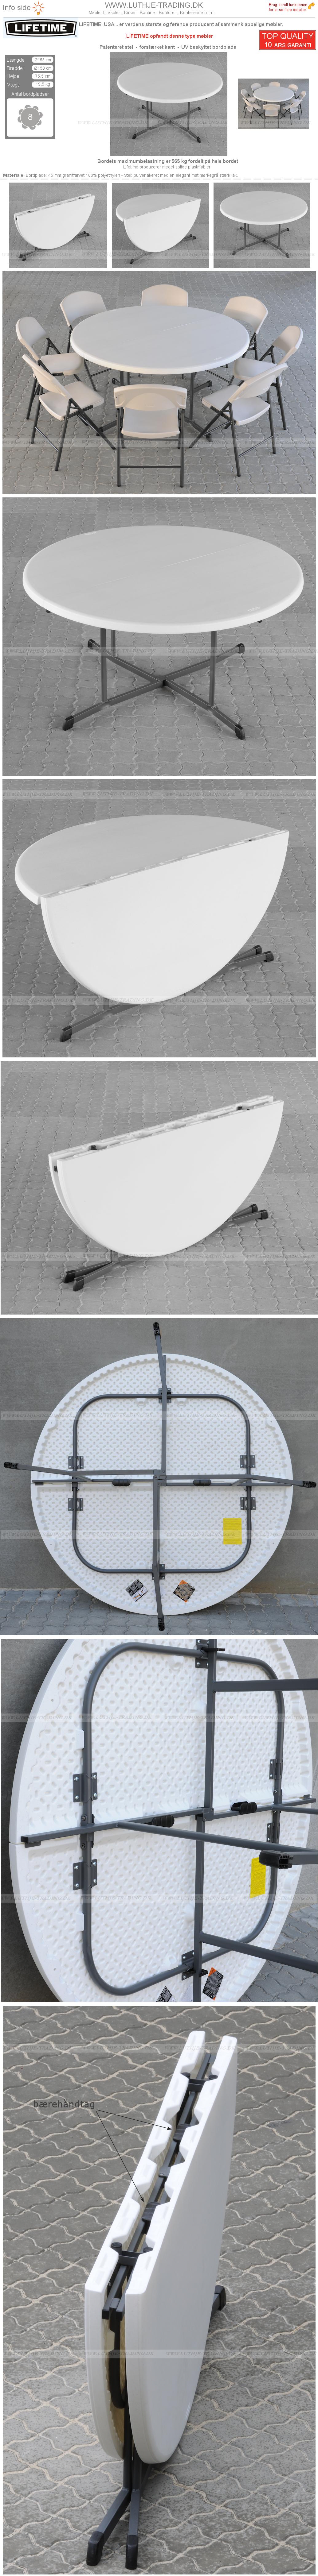 Plast klapborde Ø153 cm. fold